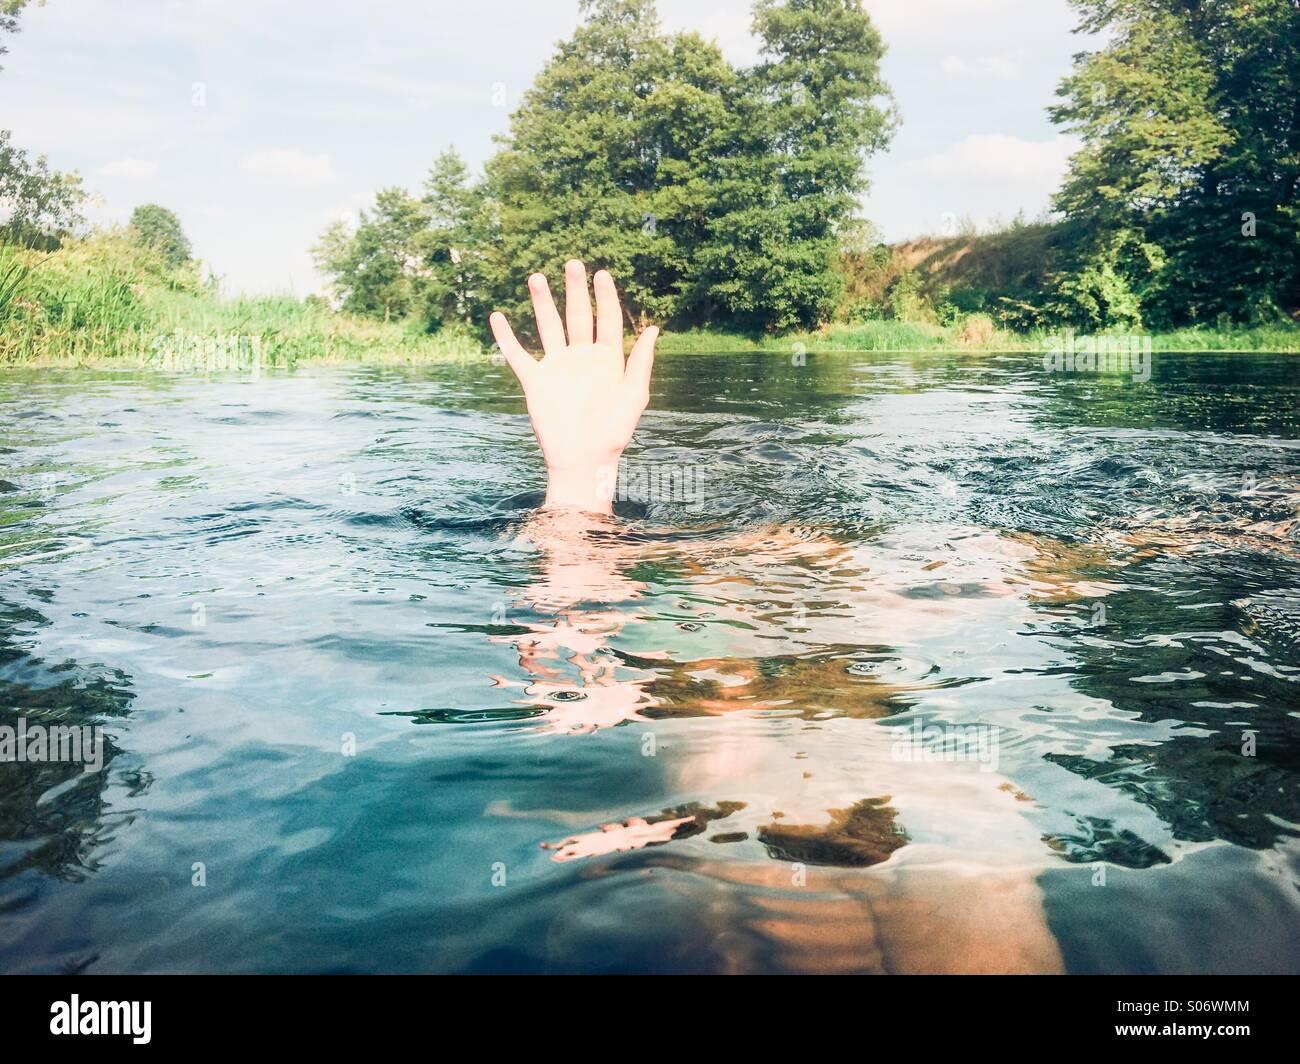 Muchacho sumergido en un río puro manteniendo su mano sobre el agua Imagen De Stock